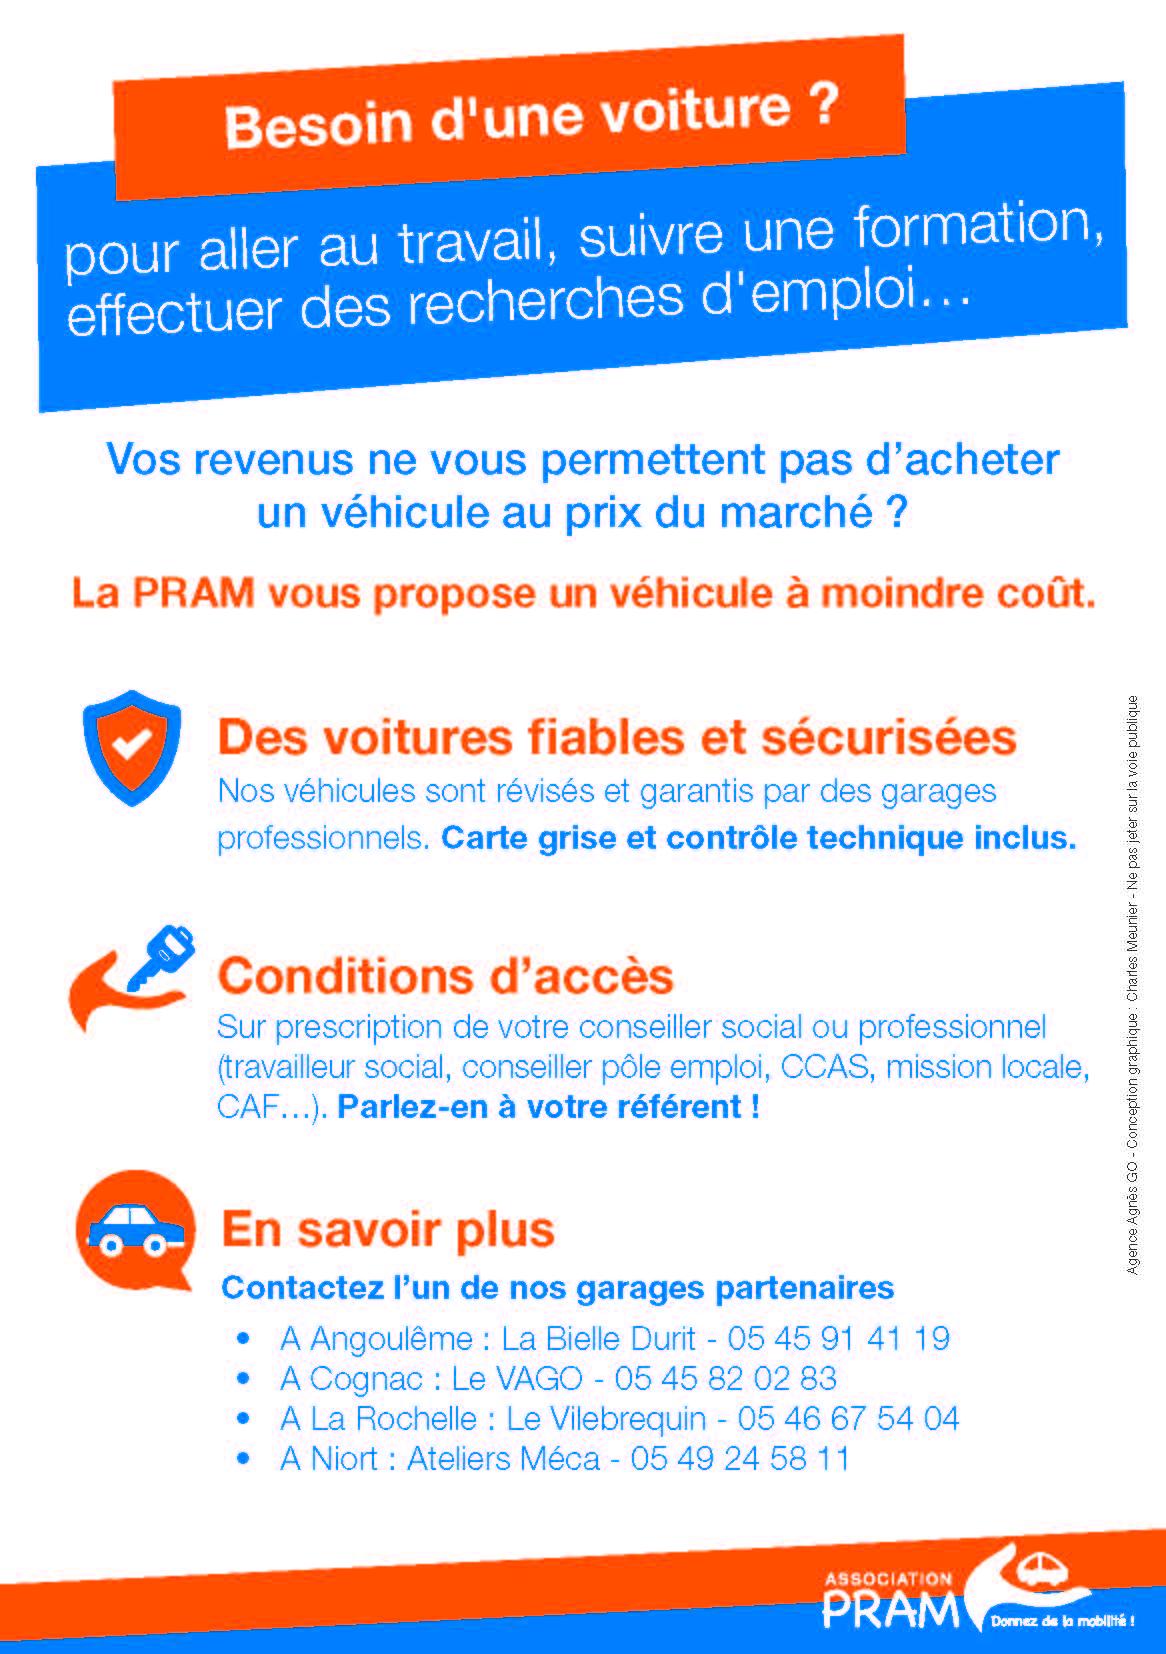 fleyr de la PRAM présentant les conditions d'accès aux véhicules d'occasion